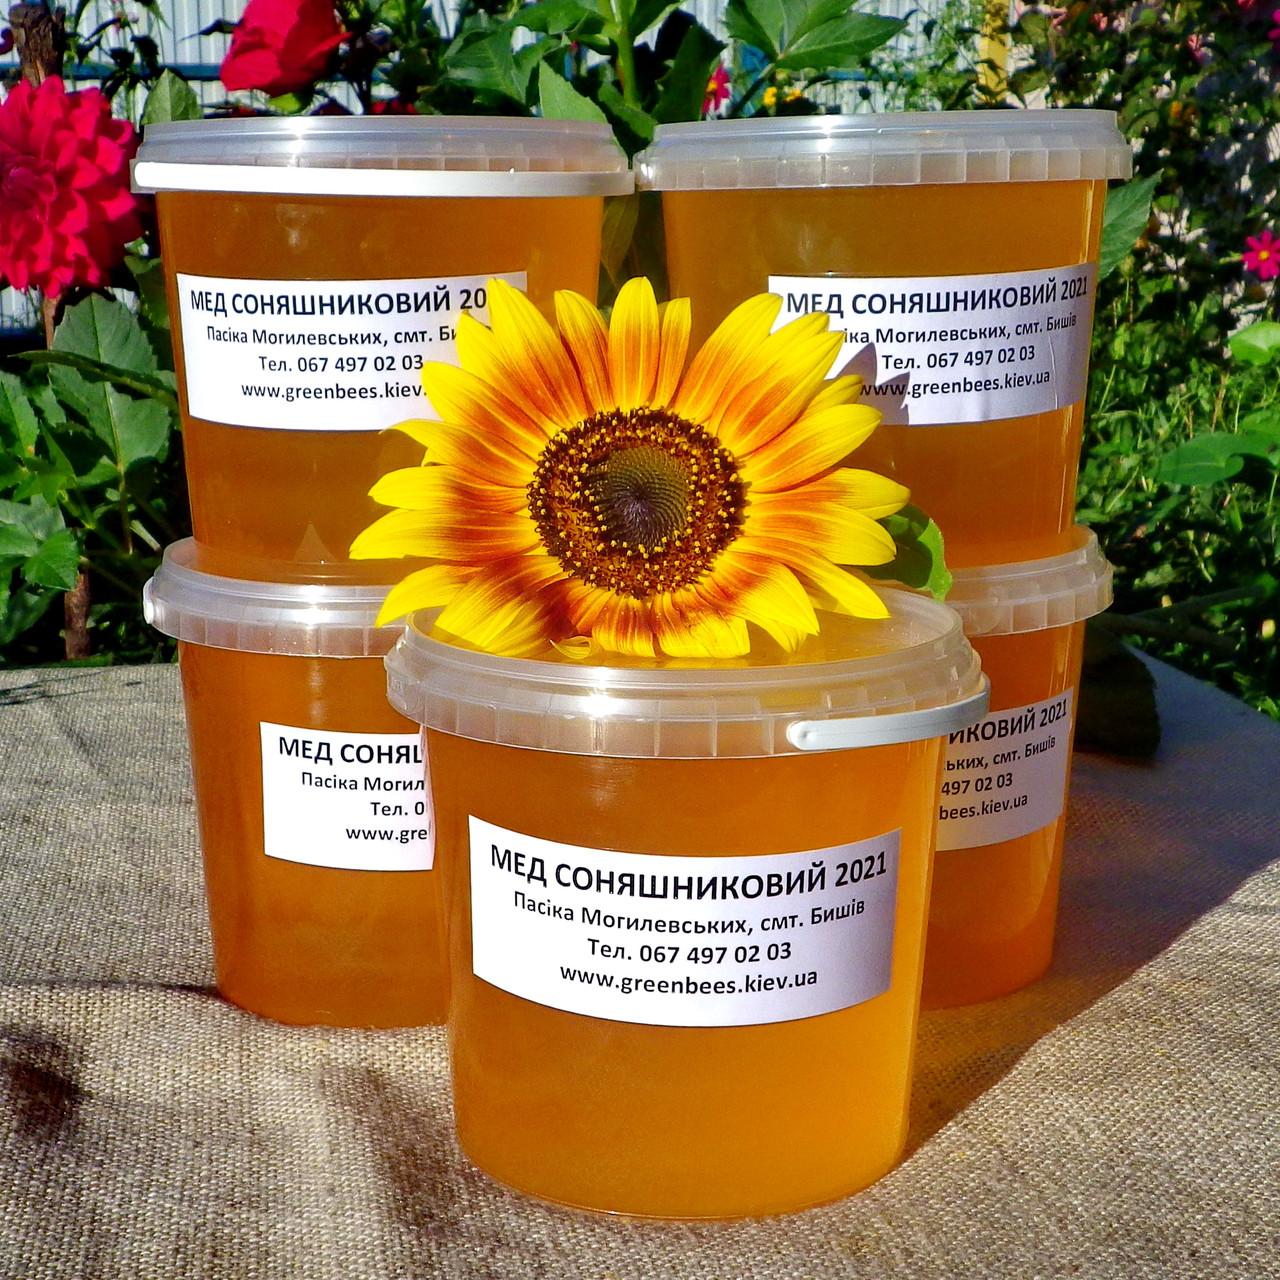 Мед подсолнечниковый урожая 2021 года